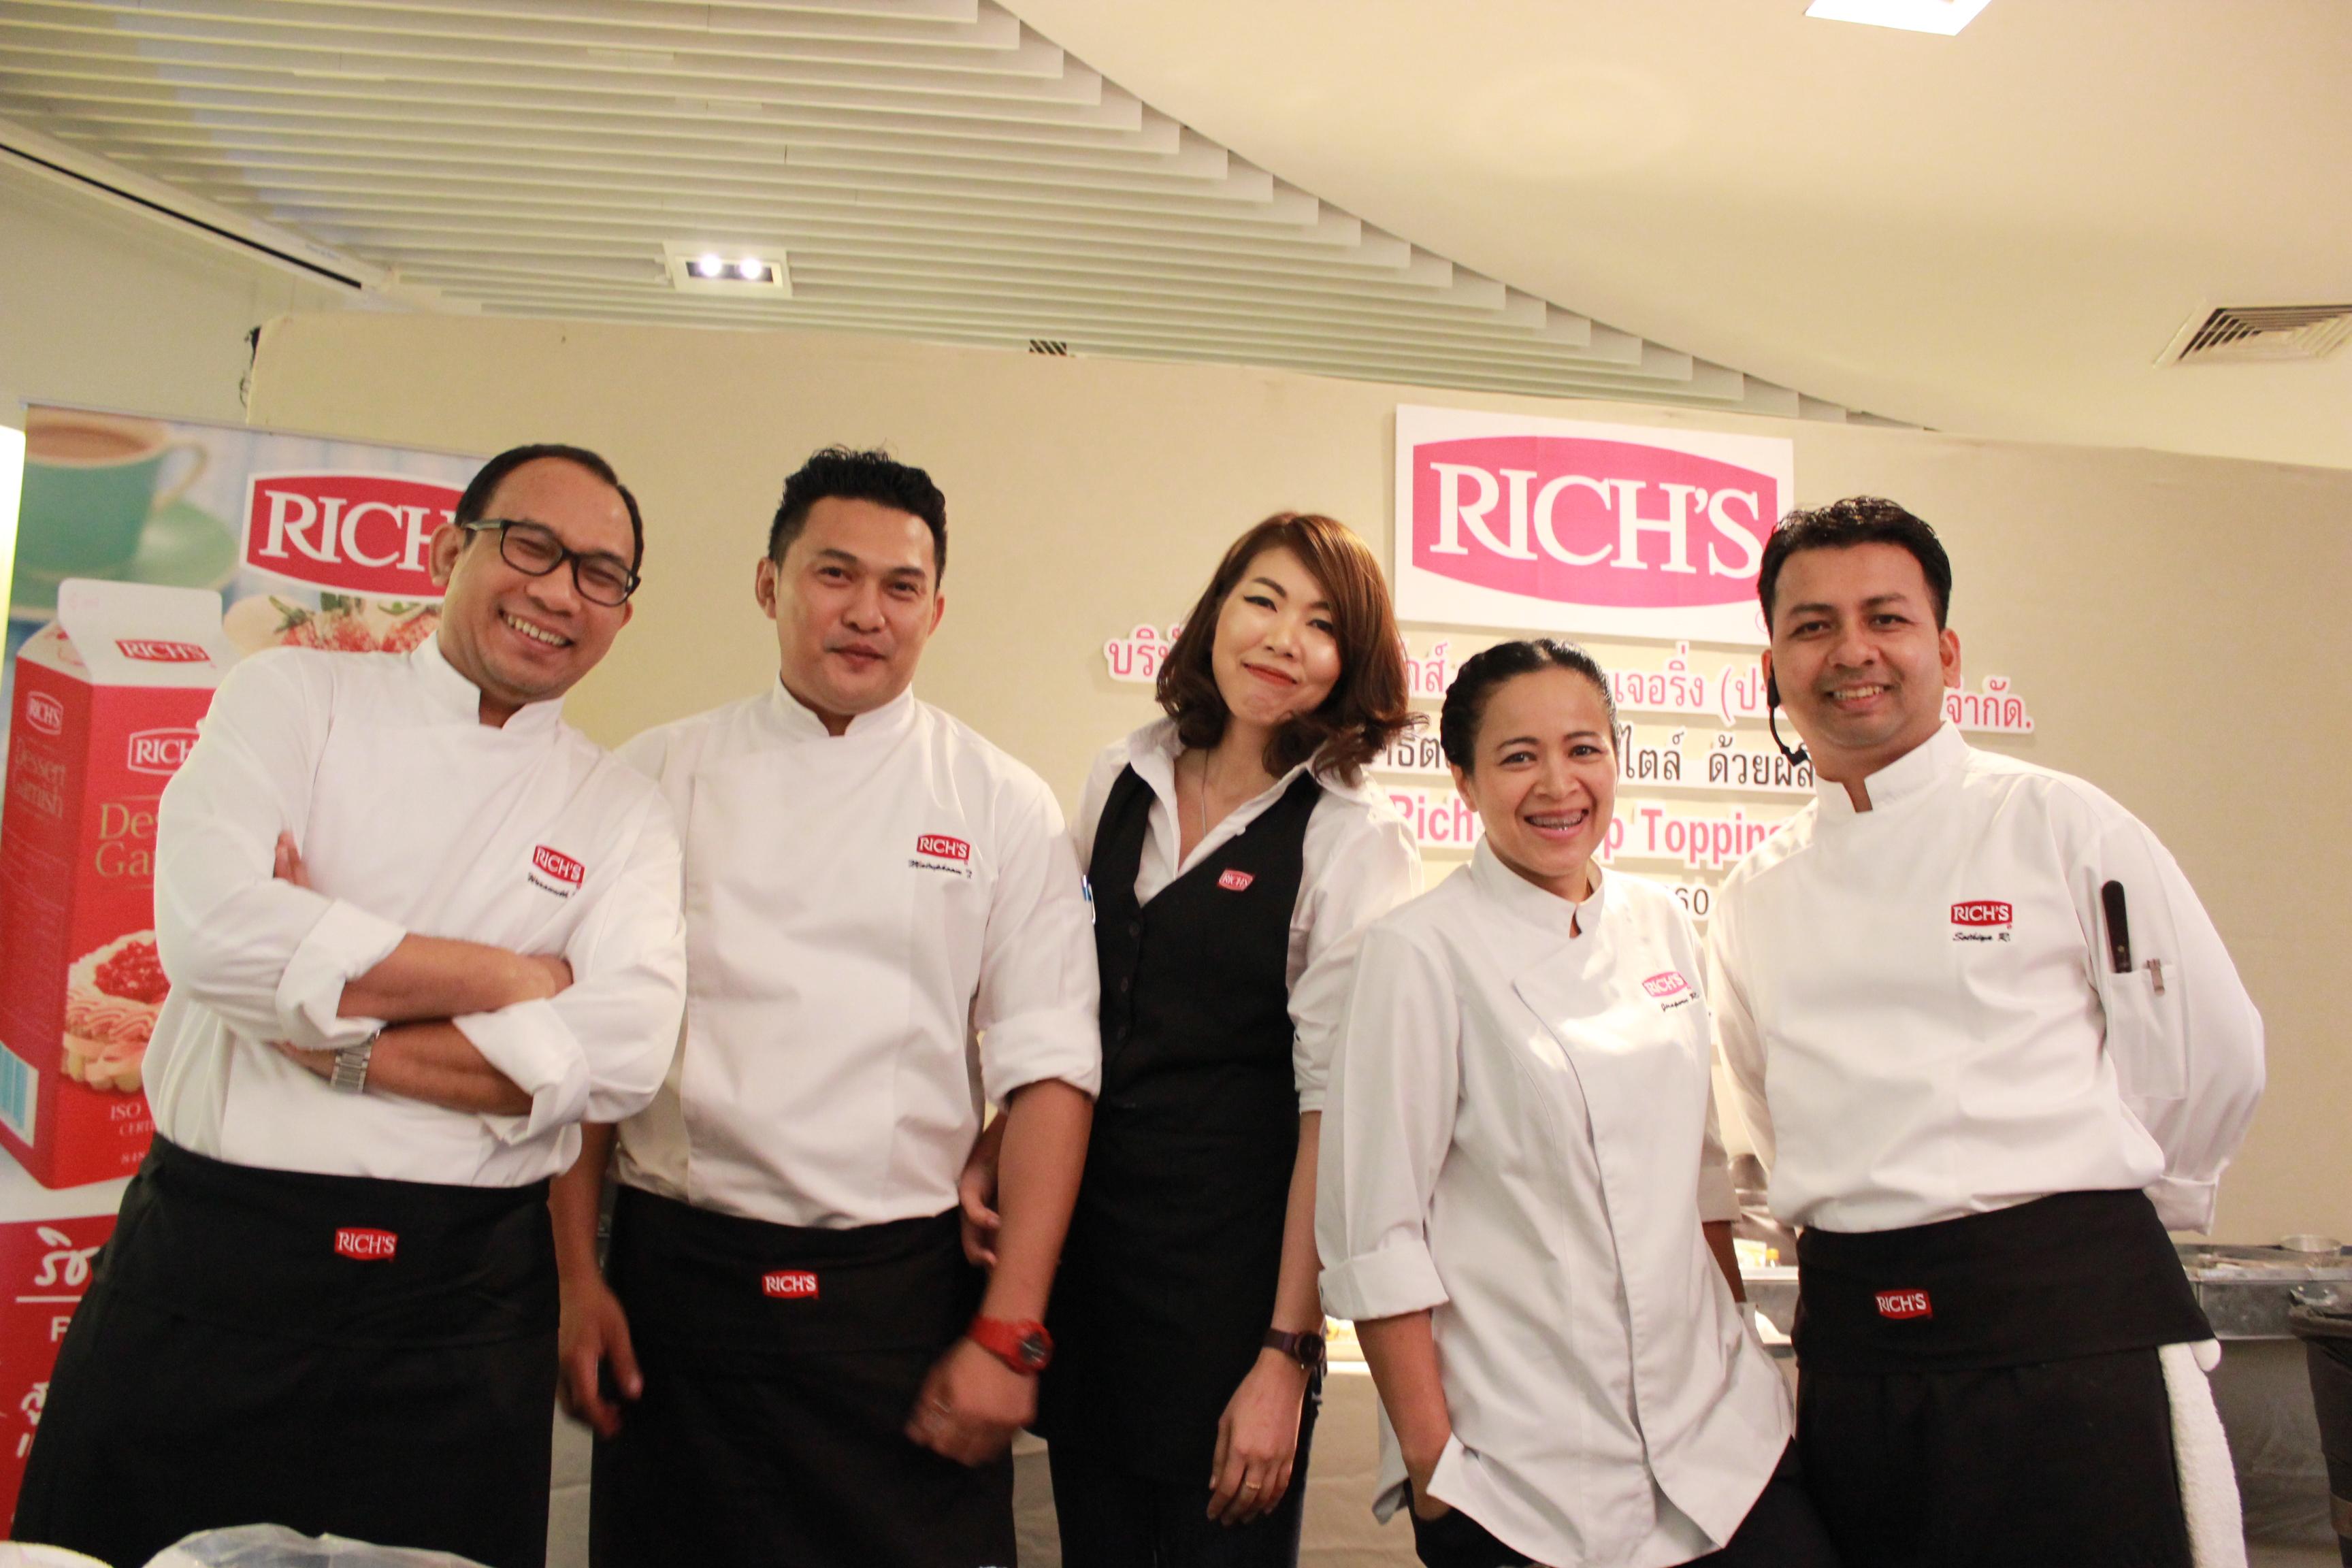 """ริชส์จัดงามสัมมนา """"สาธิตการทำขนมเบเกอรี่สูตรใหม่สไตล์ Easy & Delicious"""" สำนักพิมพ์แม่บ้าน"""